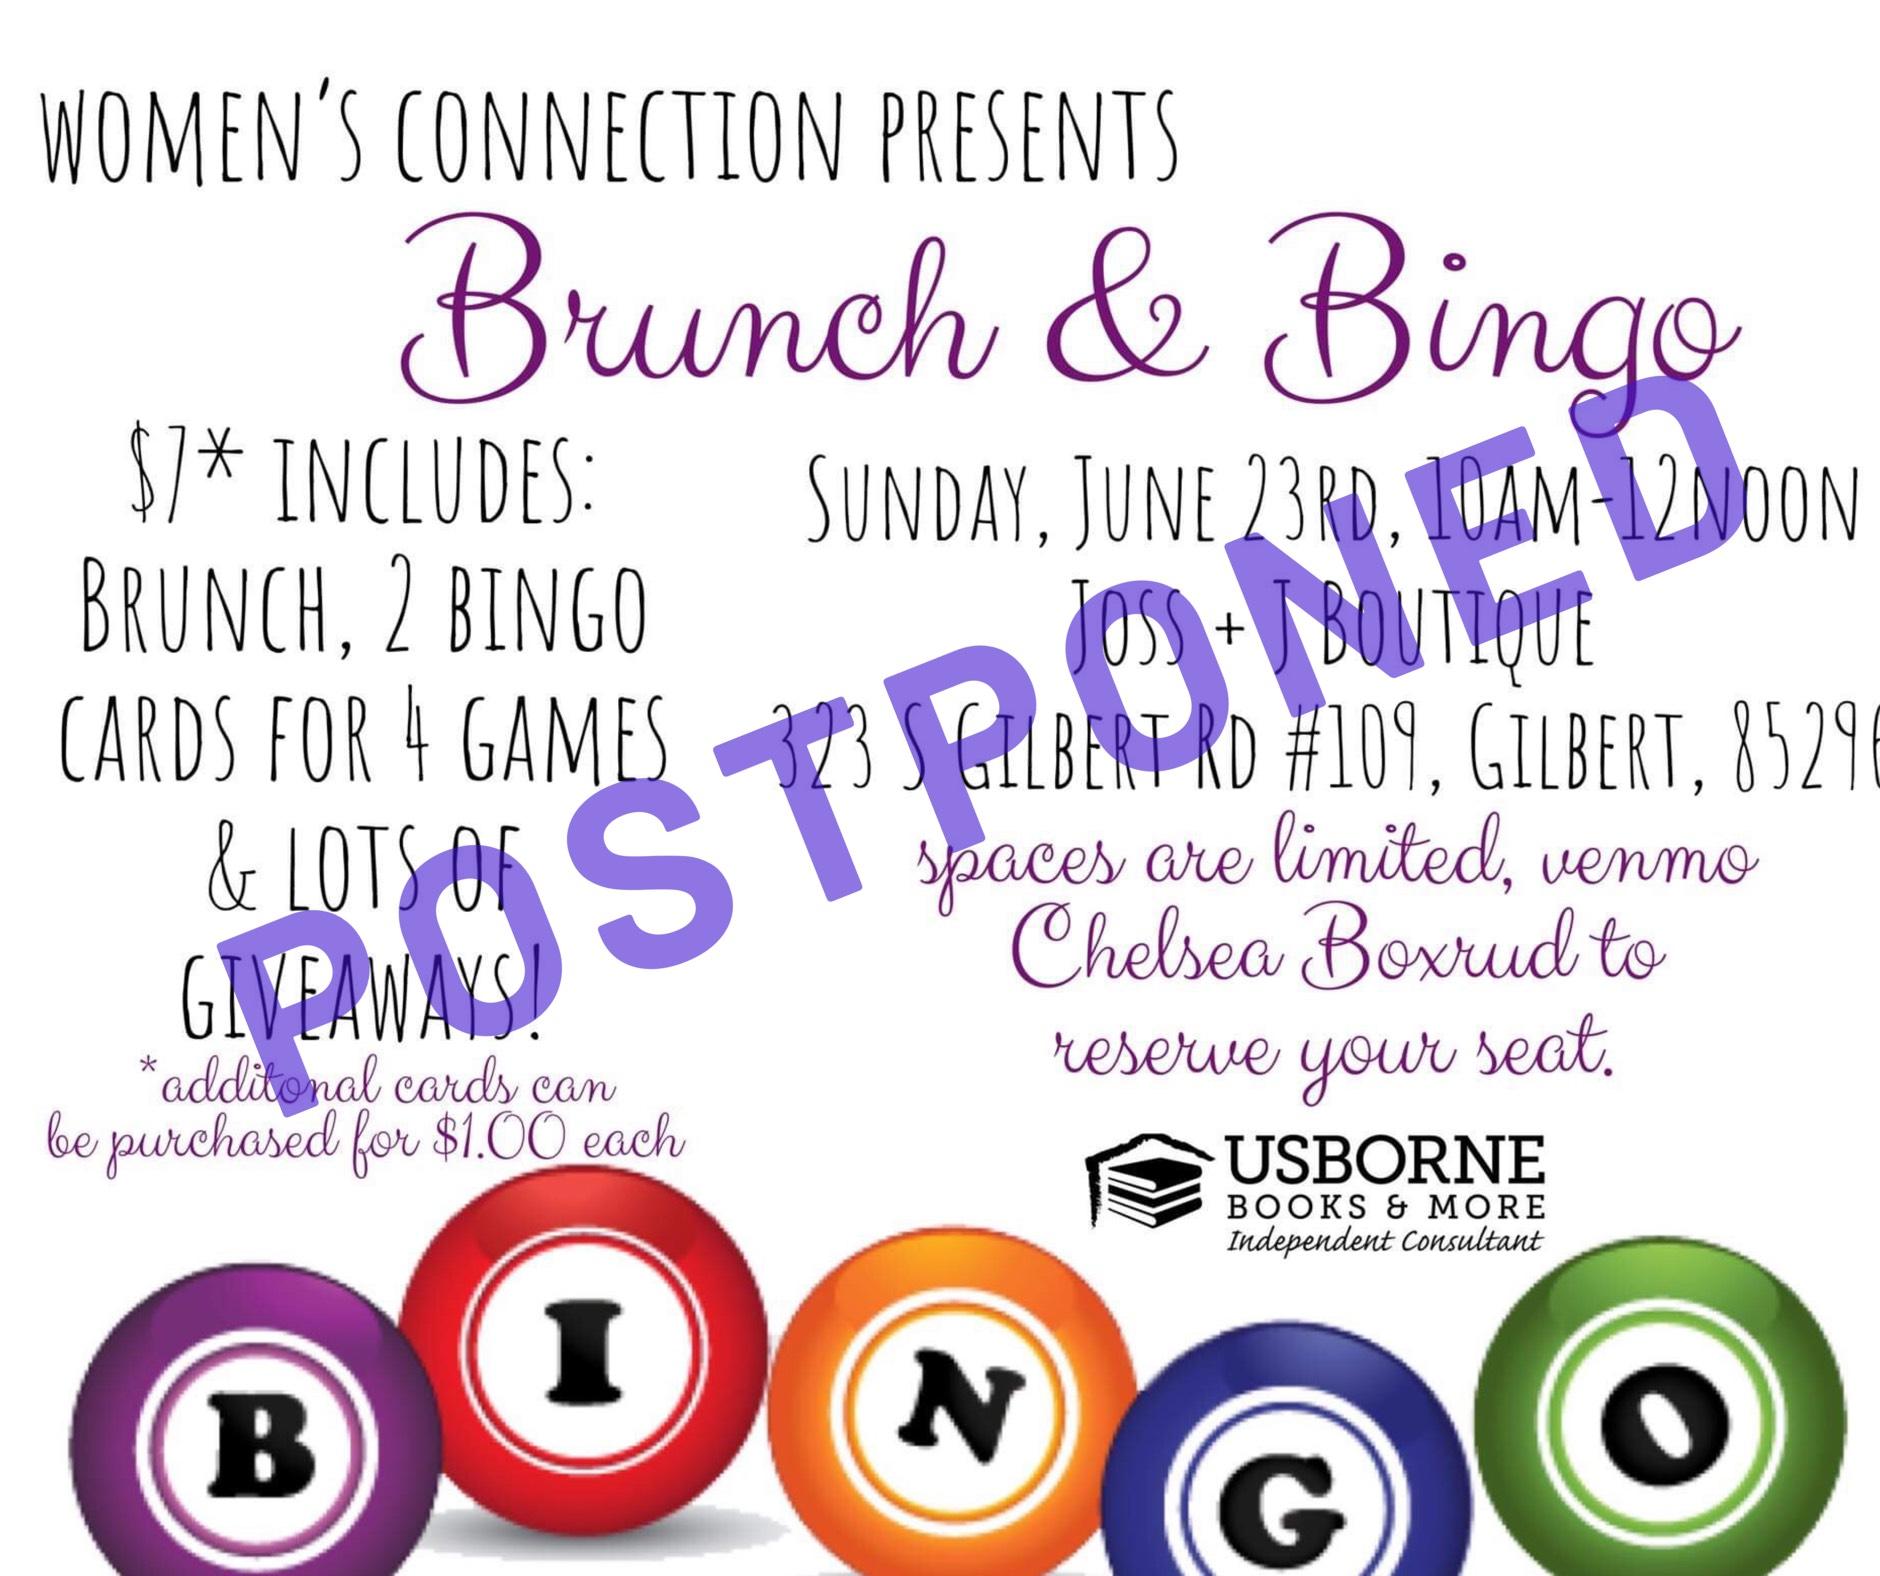 Brunch & Bingo